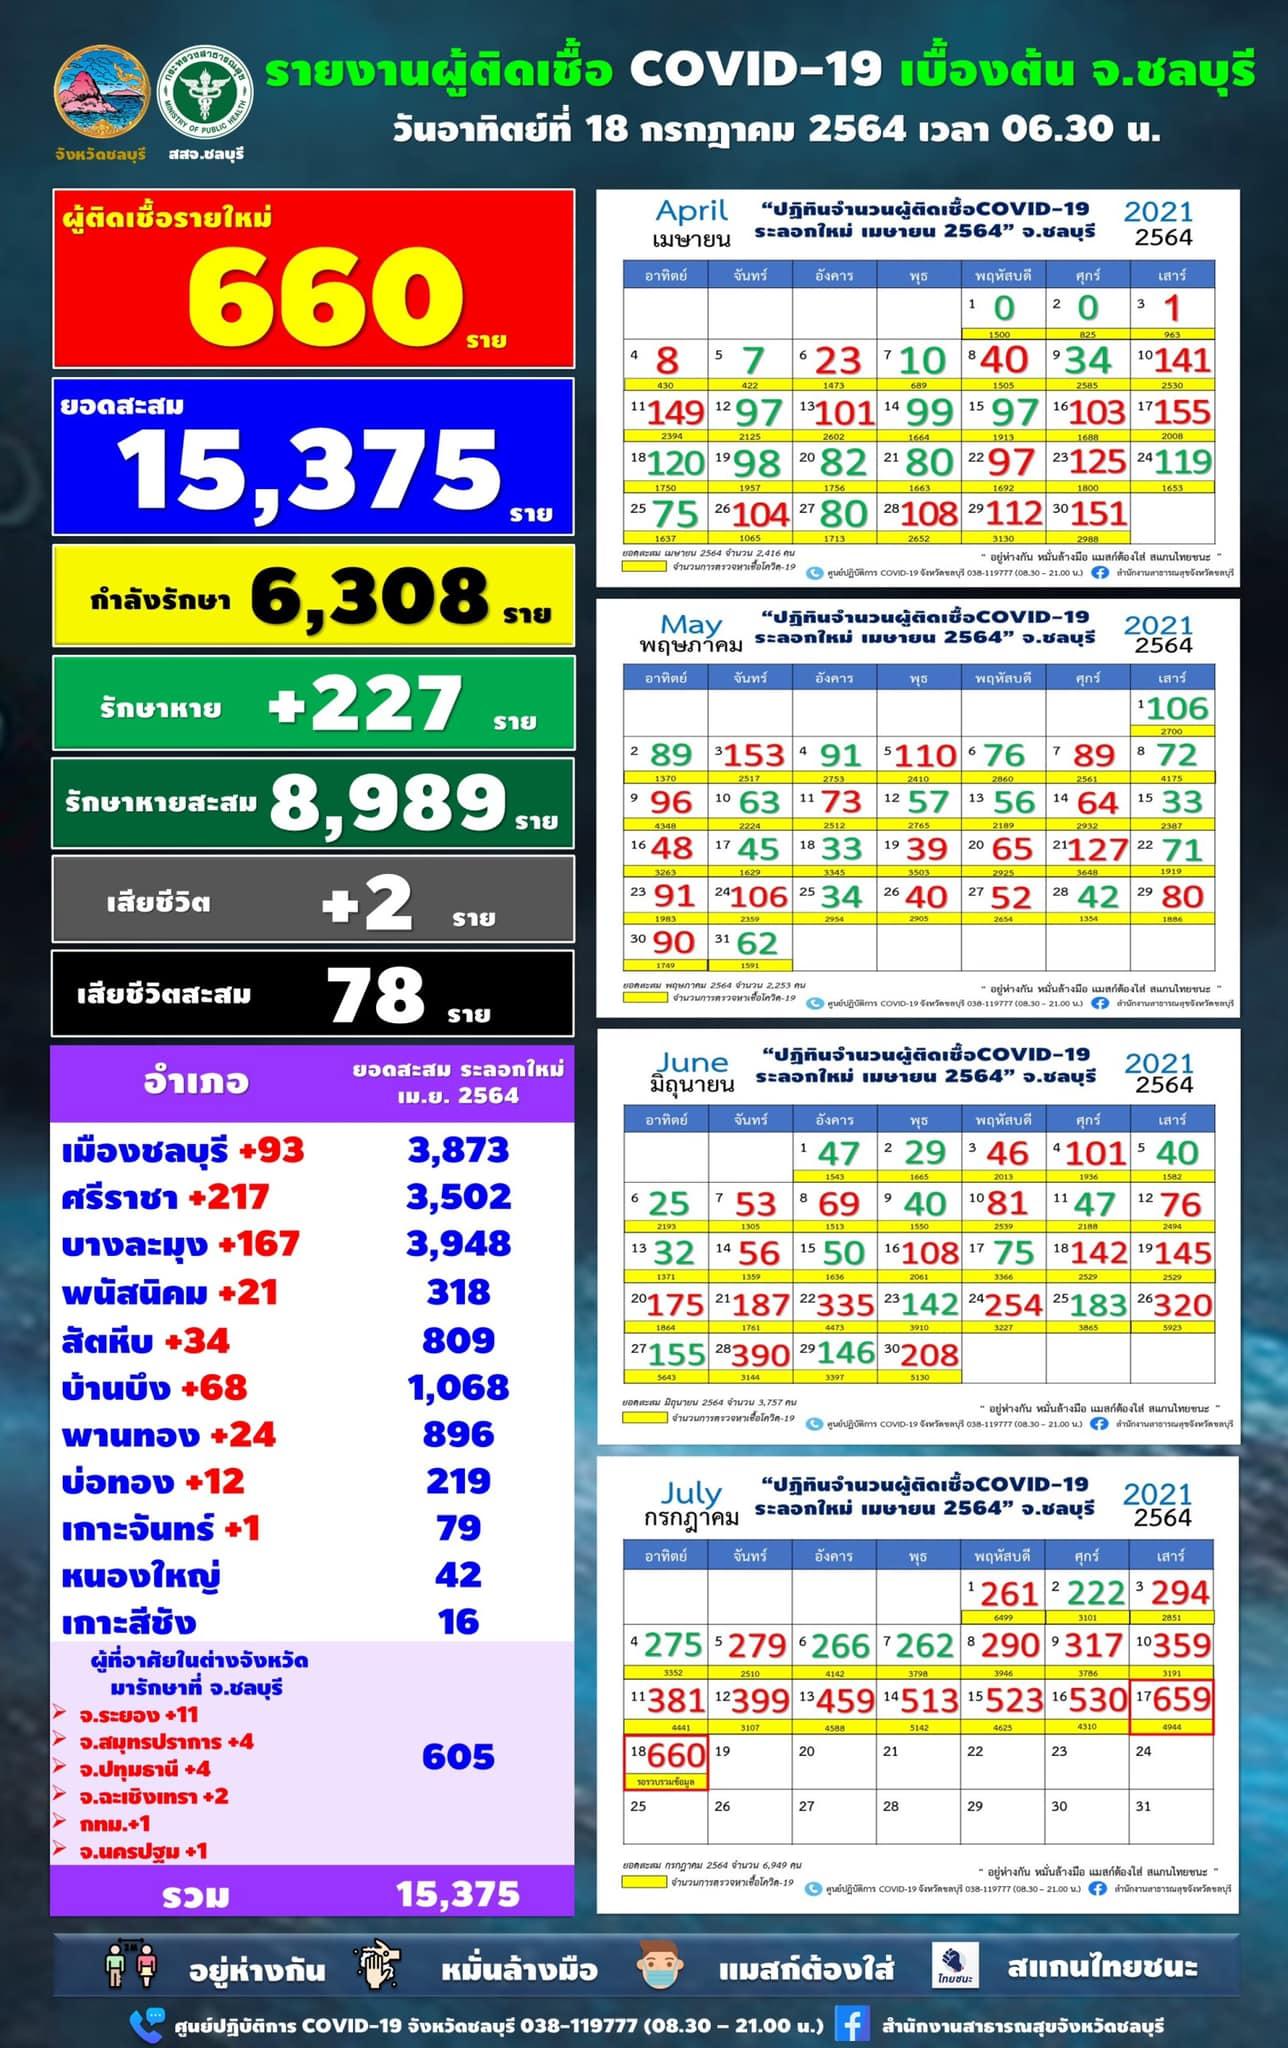 チョンブリ、660人陽性で連日の最多更新/シラチャ217人/パタヤ167人[2021年7月18日]